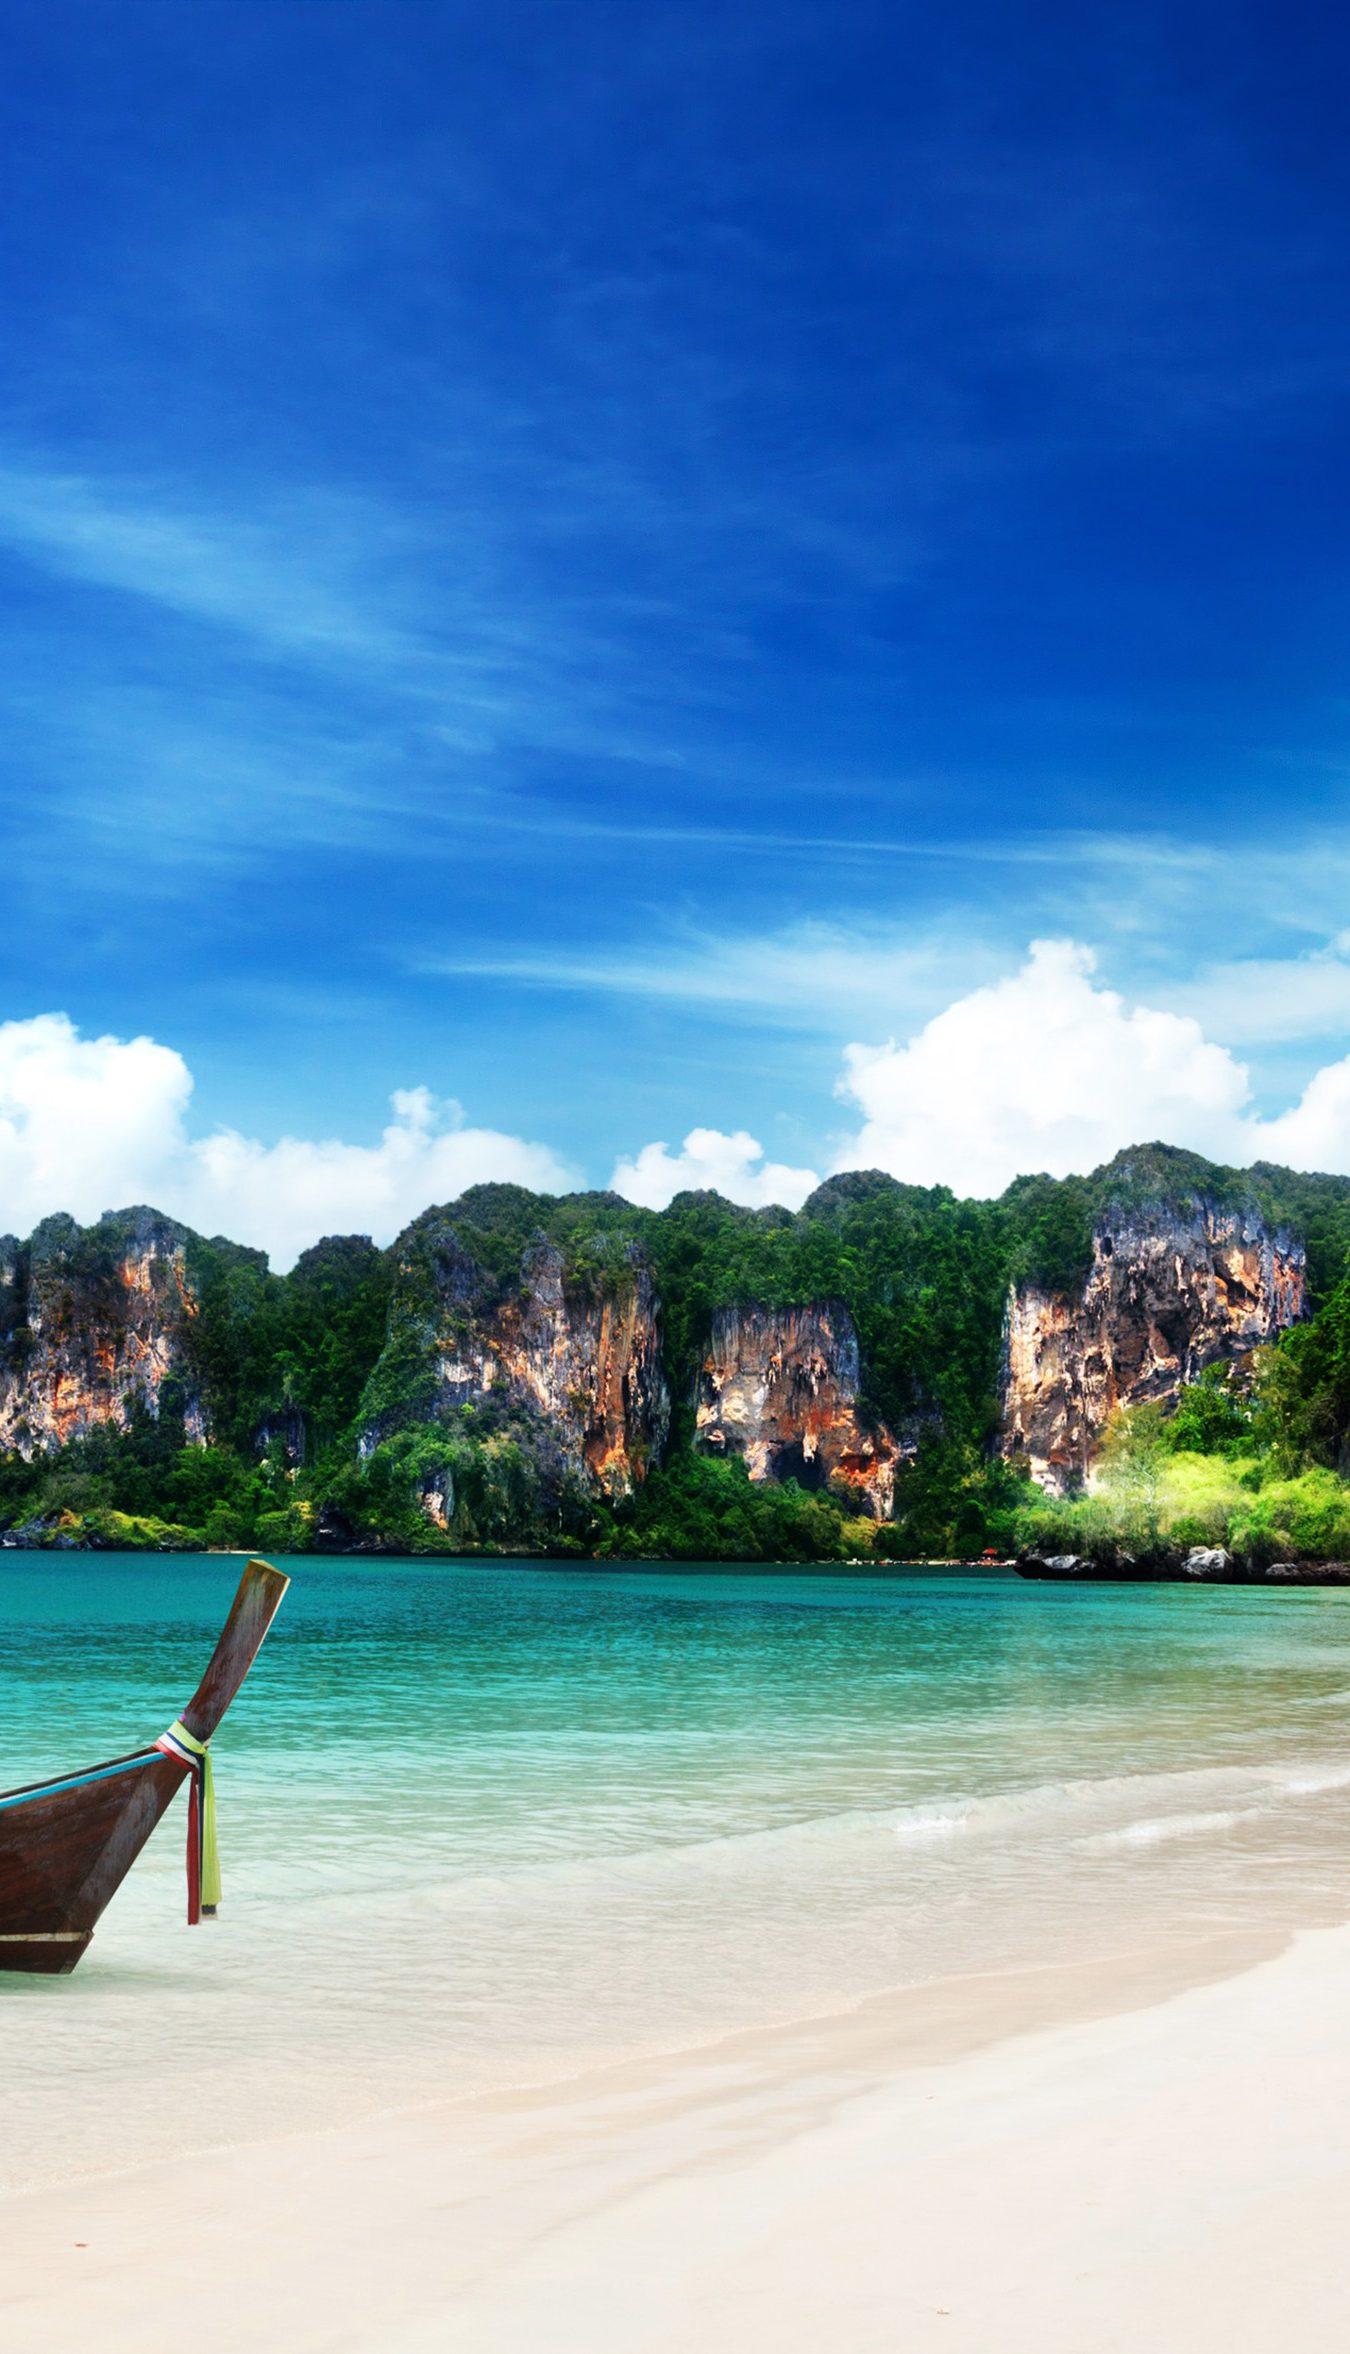 Island Boat Blue Sky Water Ocean Beach 4K Wallpaper - Best ...